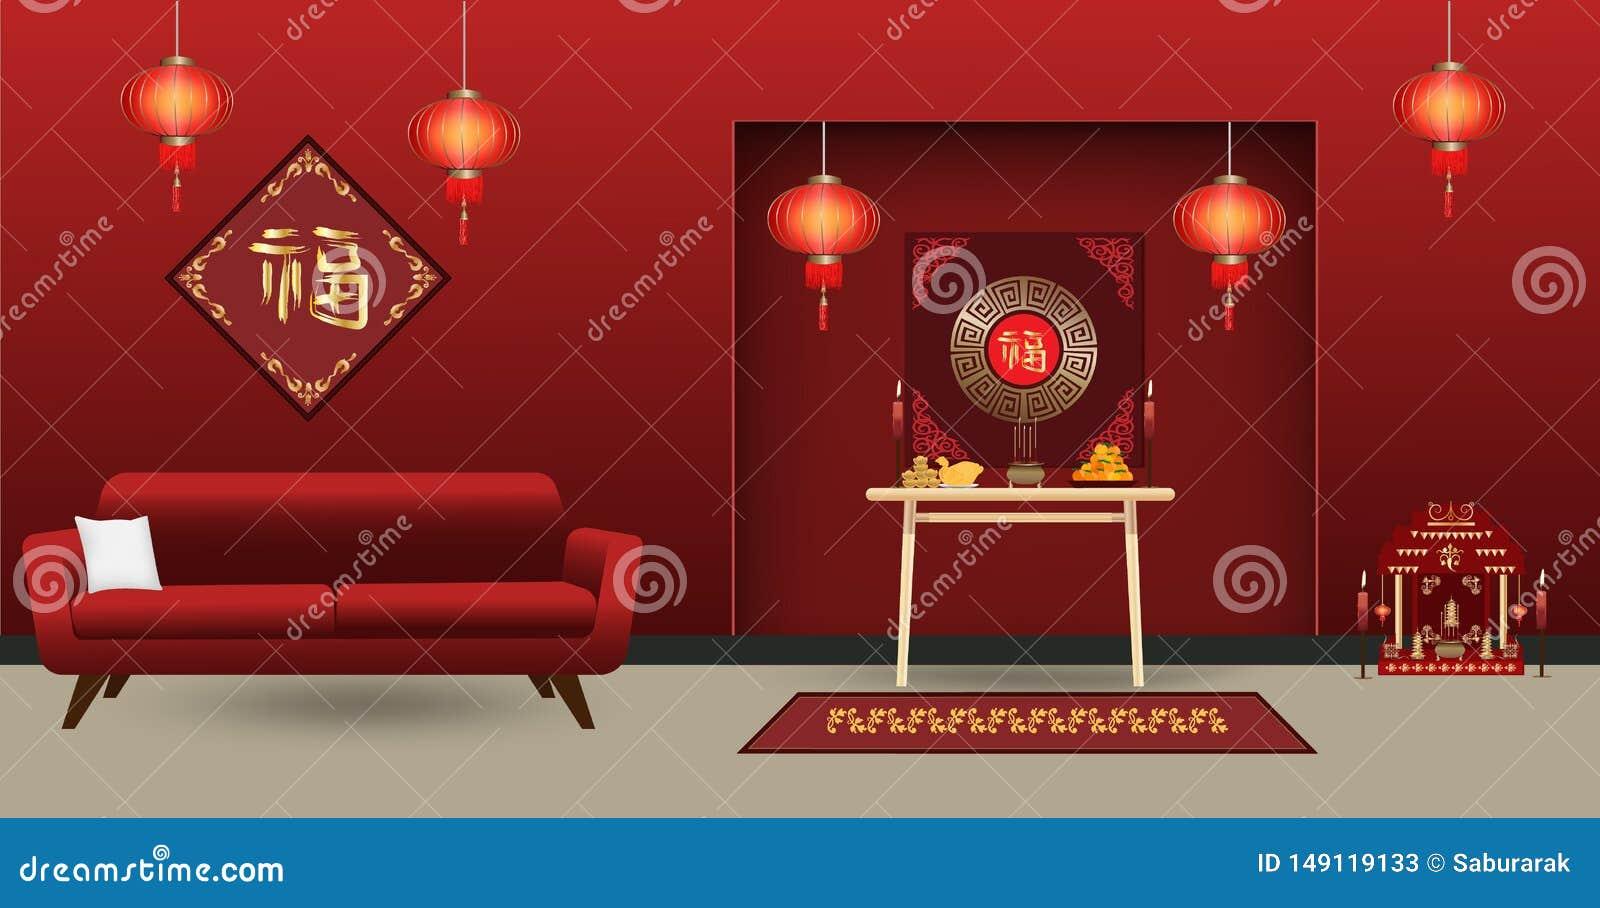 Китайская комната прожития Нового Года со словом удачи написанным в китайском характере r